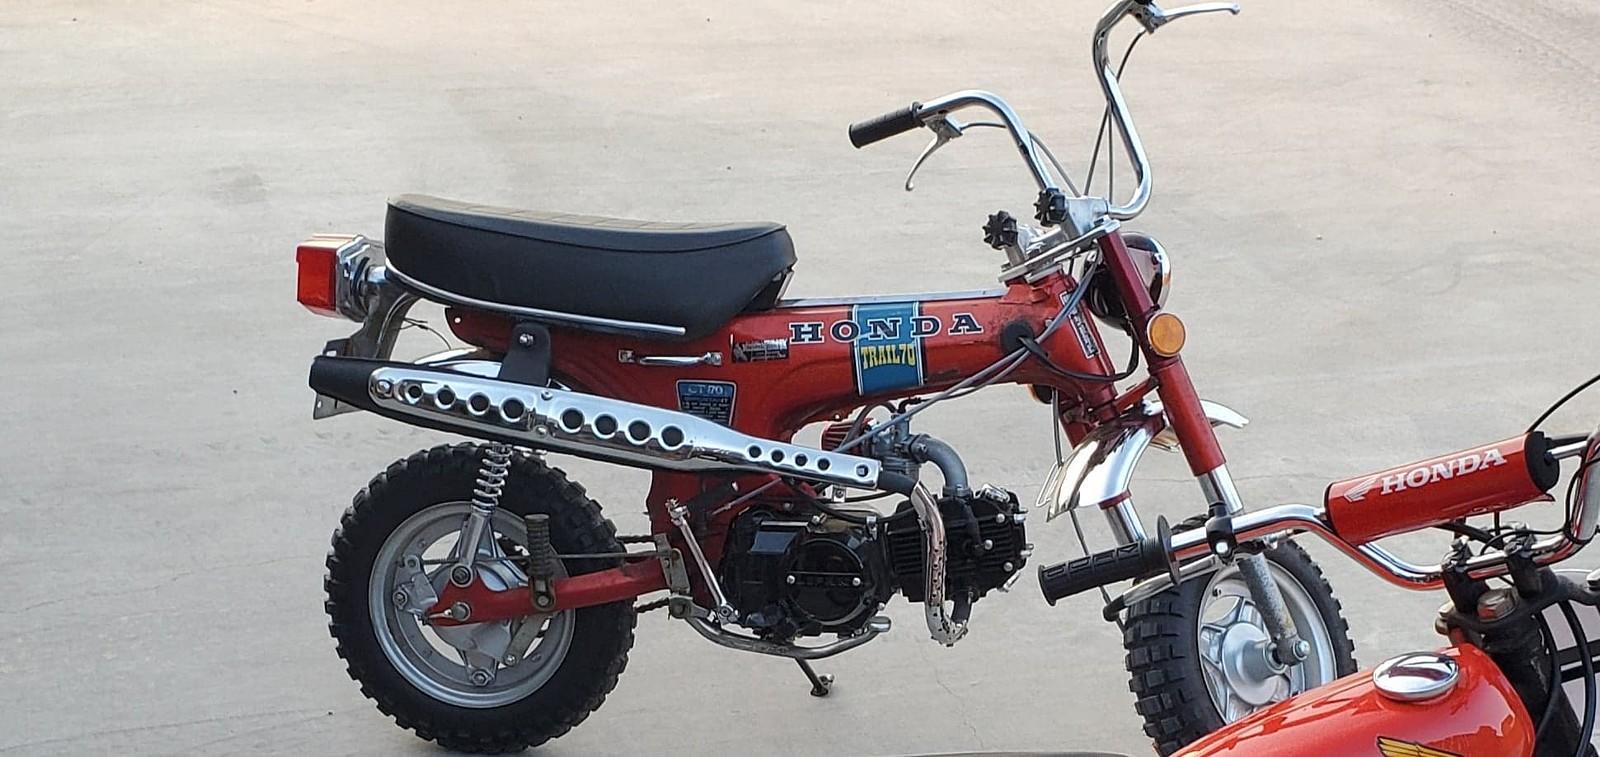 31 - Travis Bennett - Motocross Pictures - Vital MX